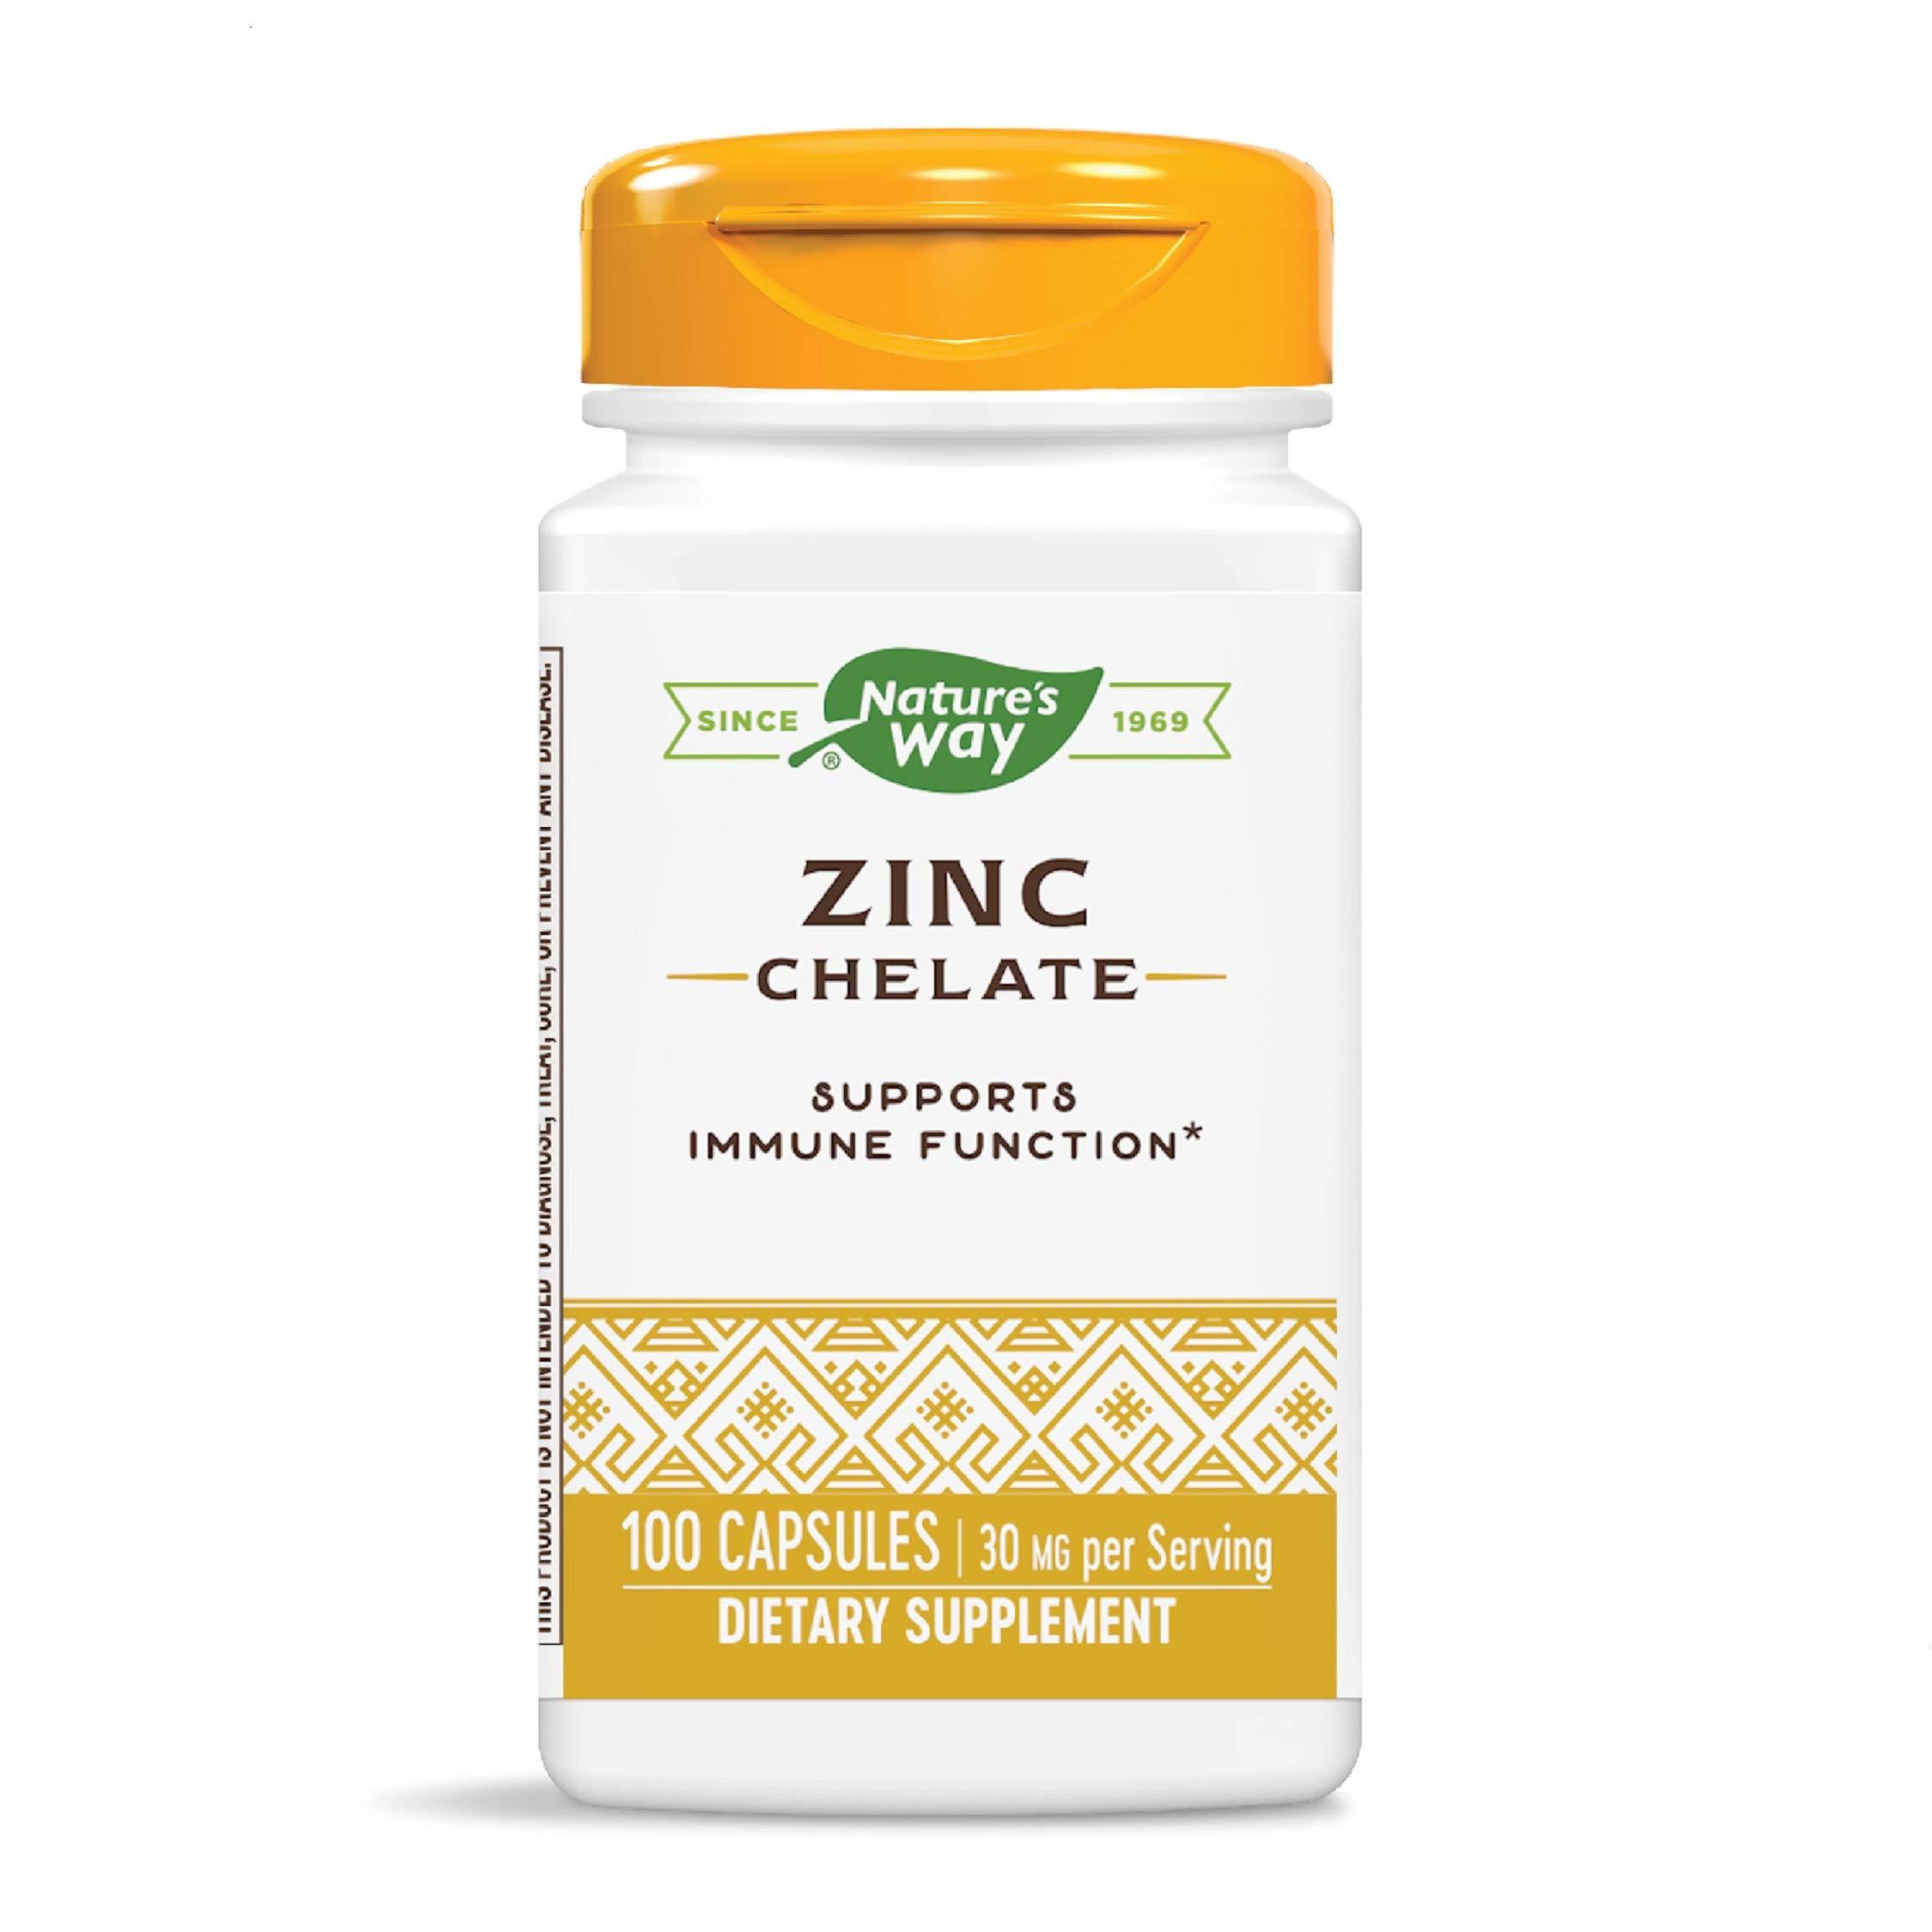 Nature's Way Zinc, 30 mg per serving (Packaging May Vary)